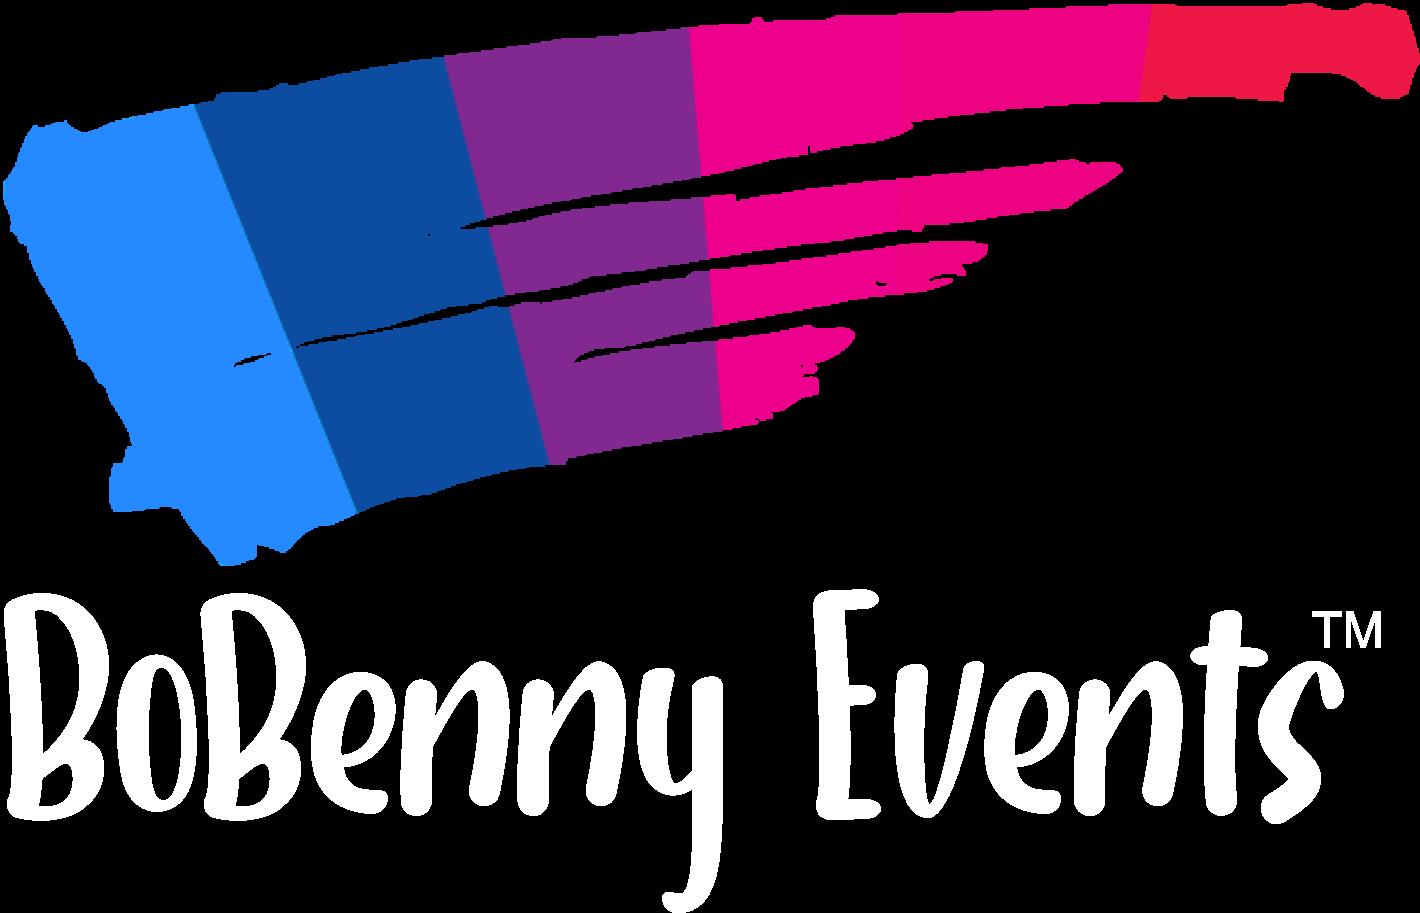 BoBenny Events